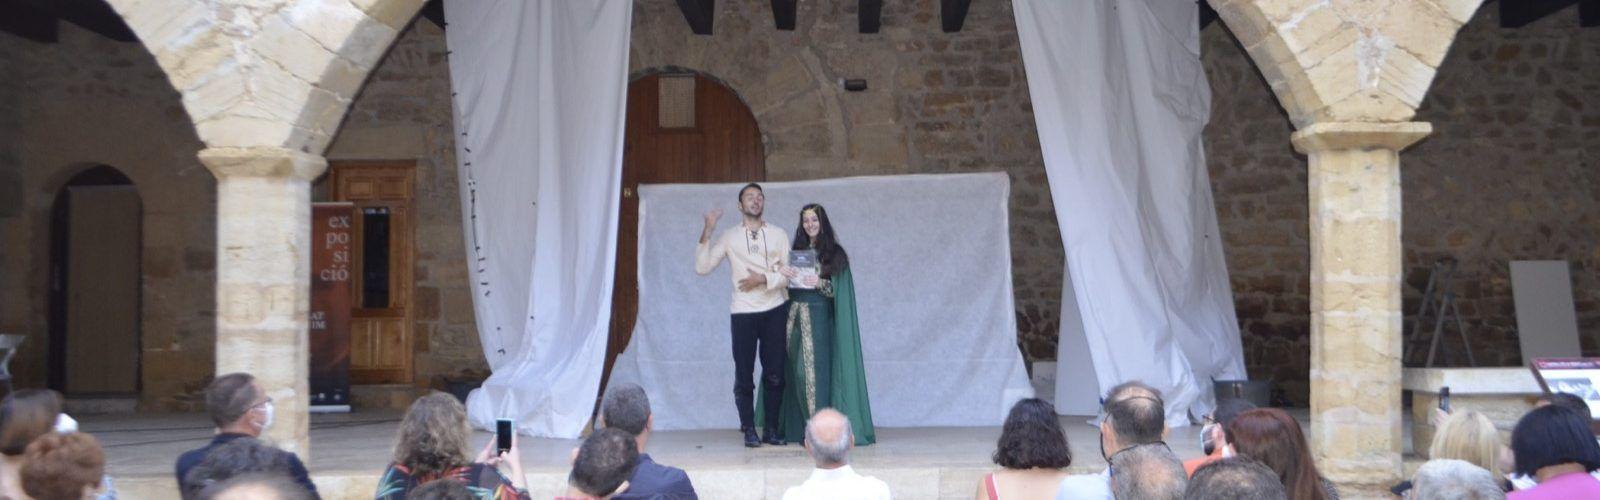 La Fundació Carles Salvador ret homenatge a mossèn Joaquim Garcia Girona